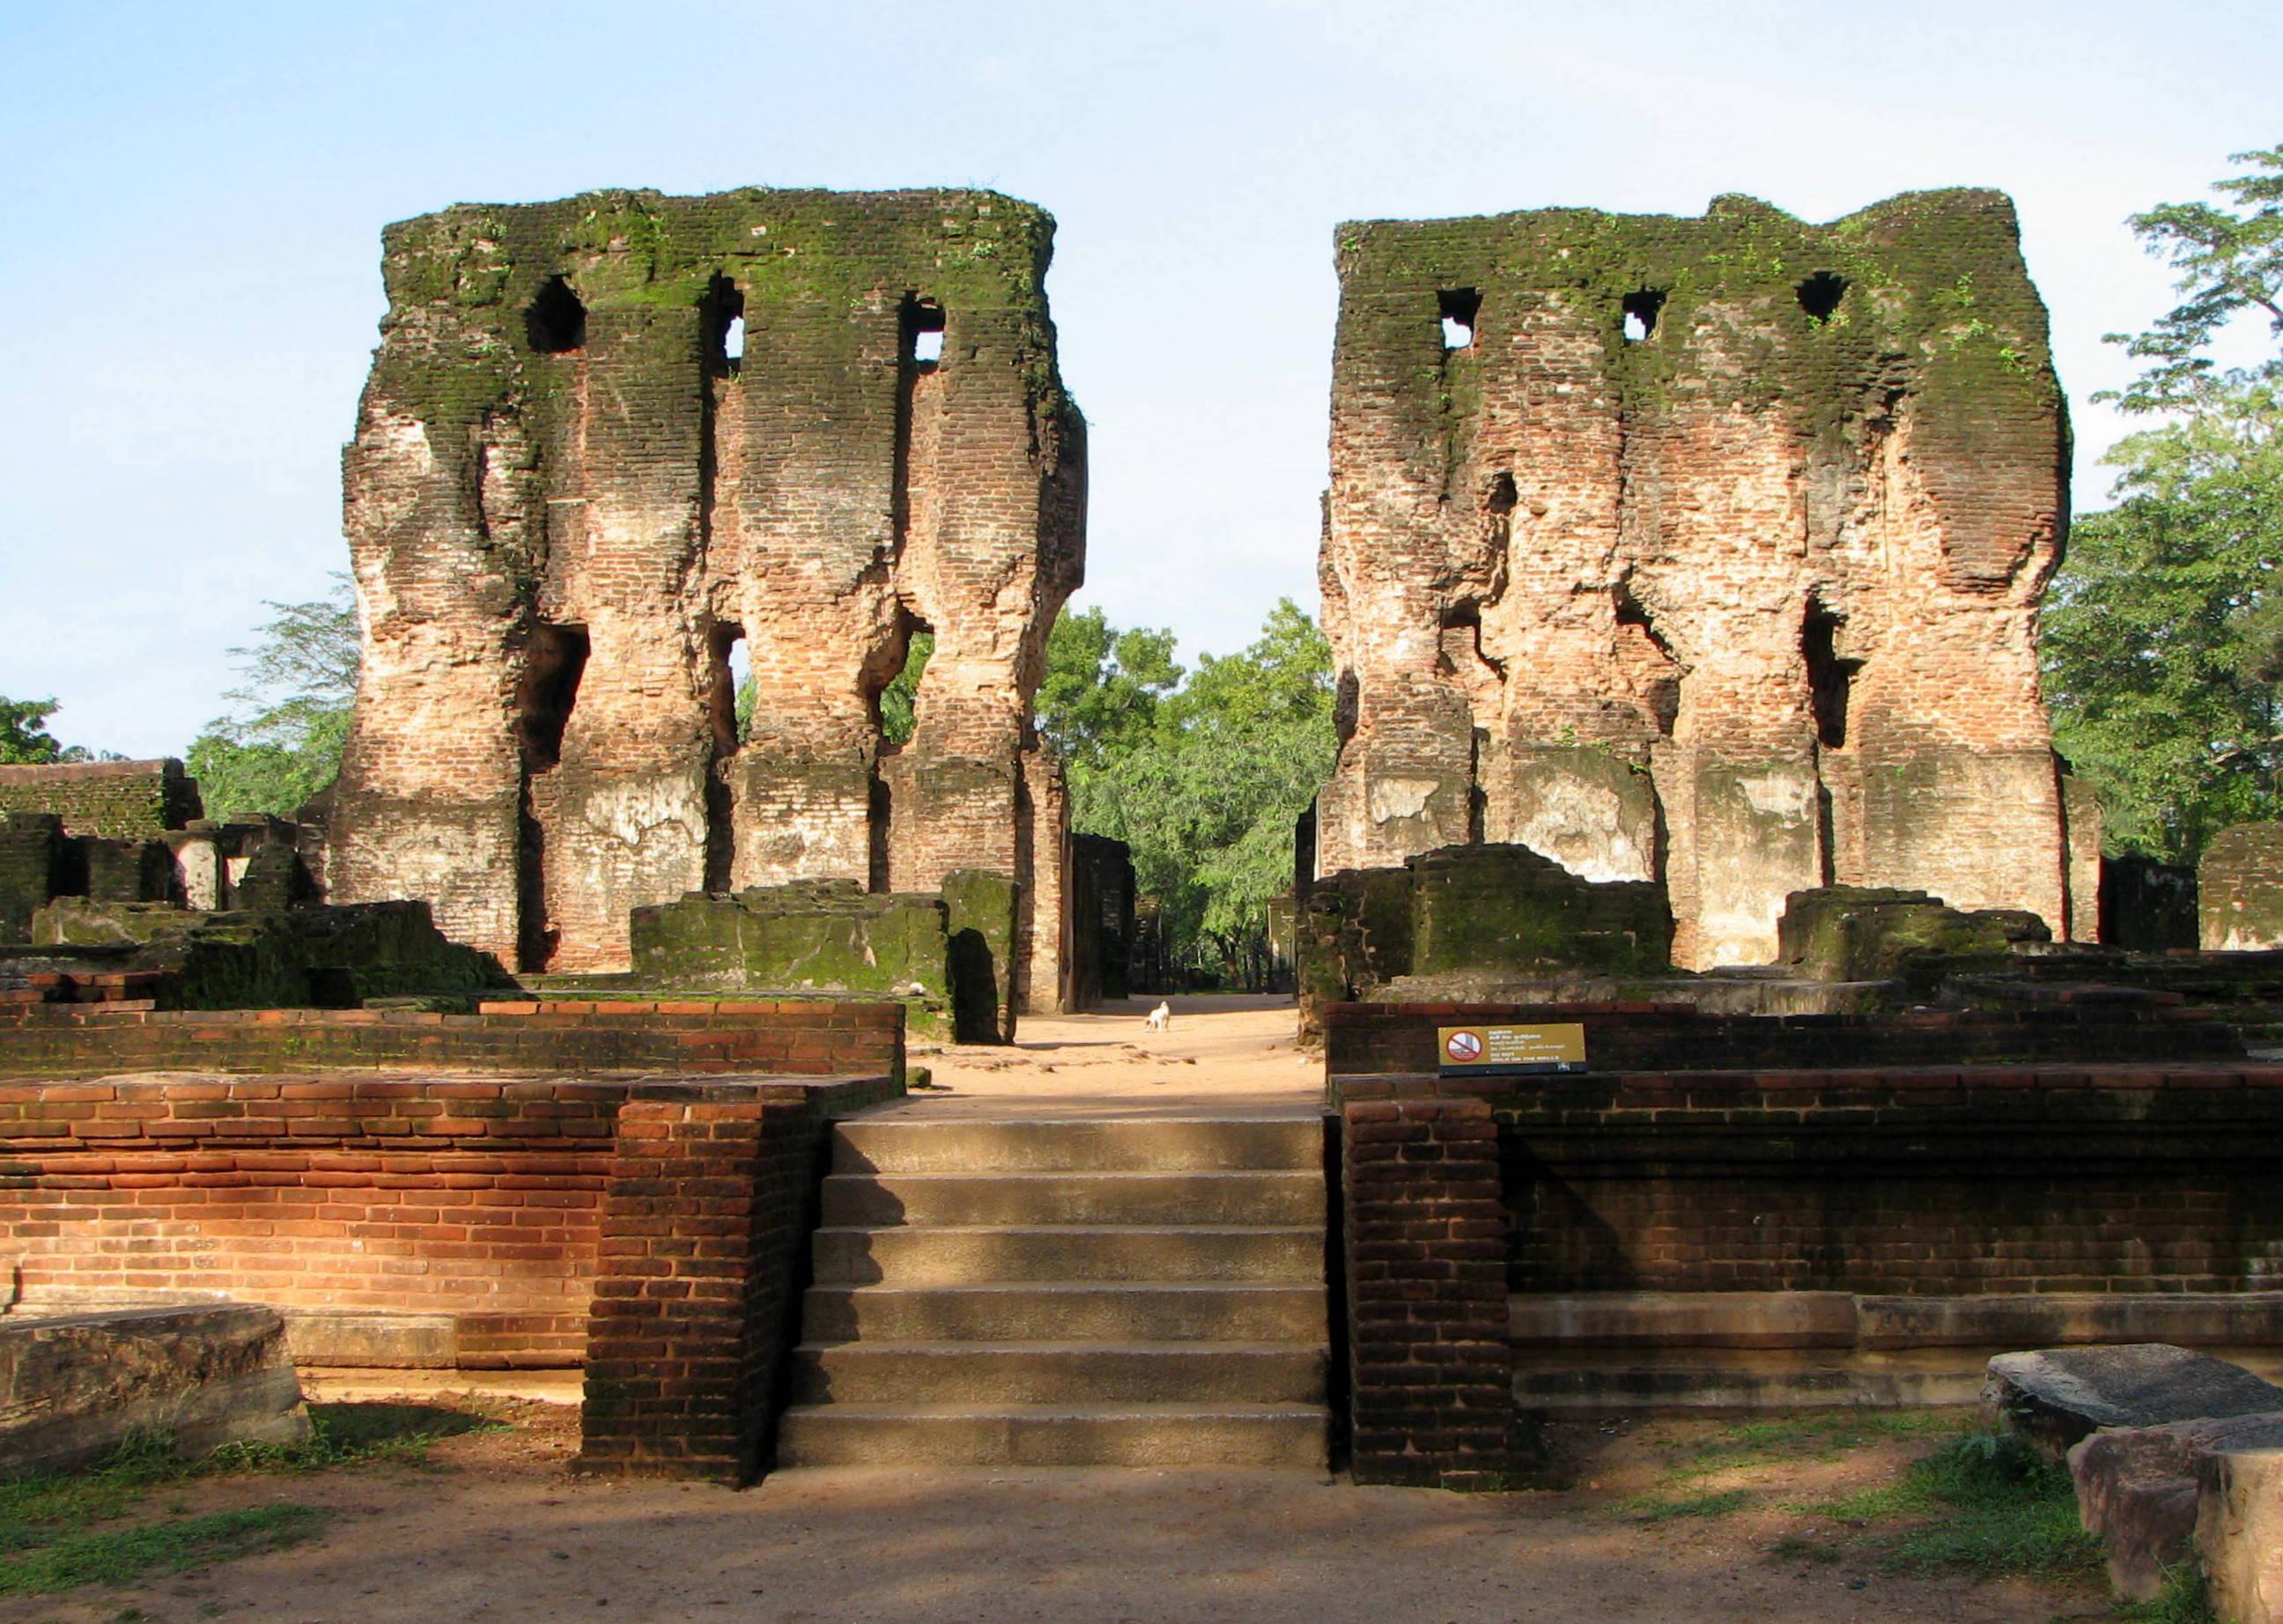 FilePolonnaruwa 02jpg FilePolonnaruwa 02jpg Wikimedia Commons